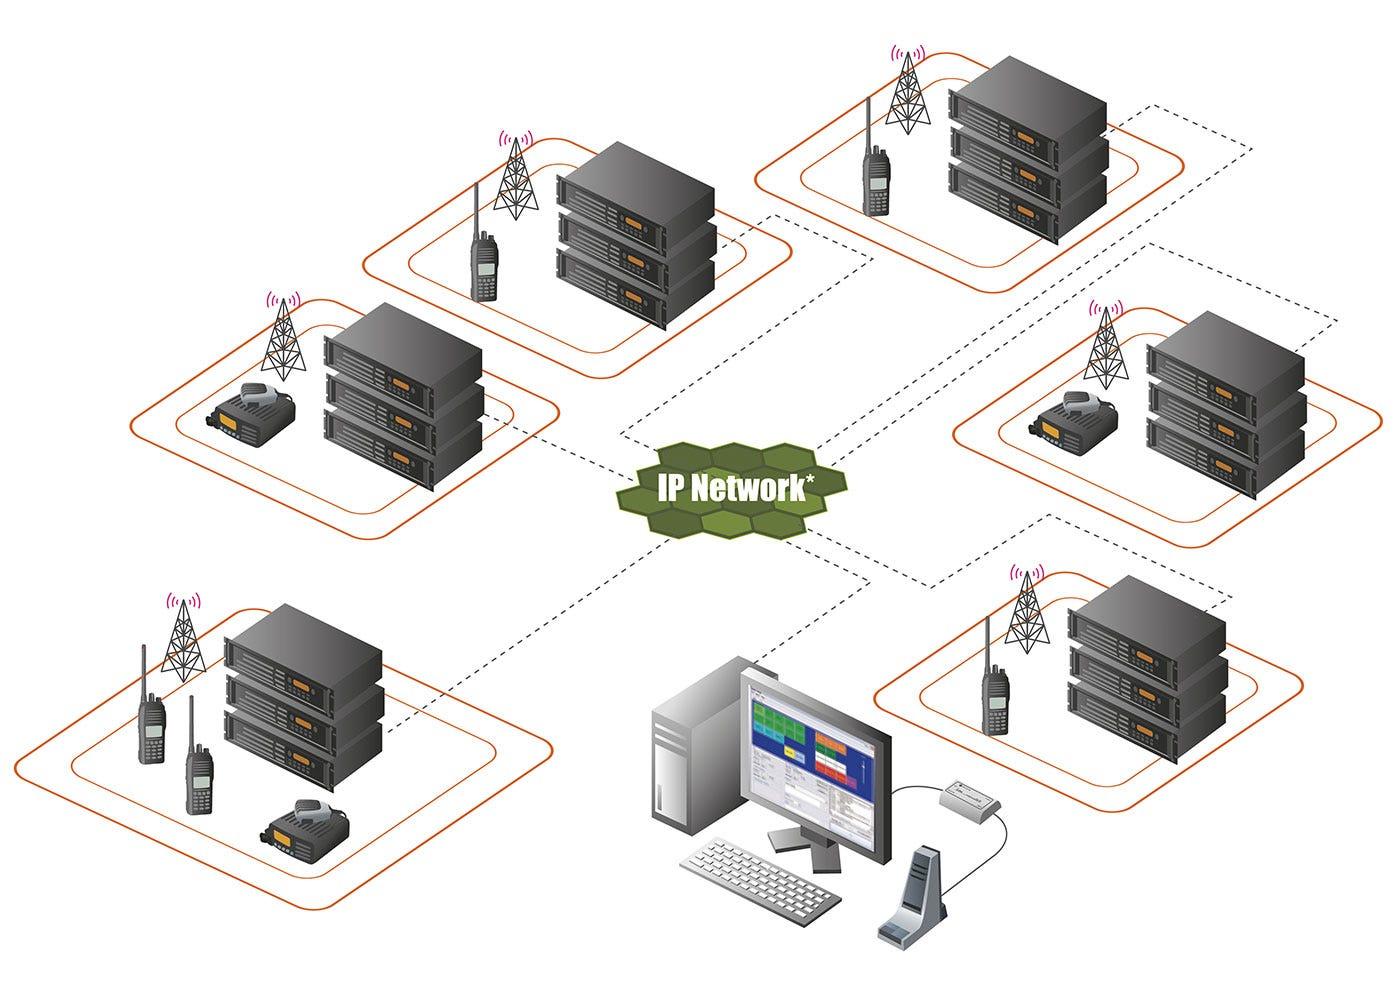 IDAS trunkat multisite radiosystem